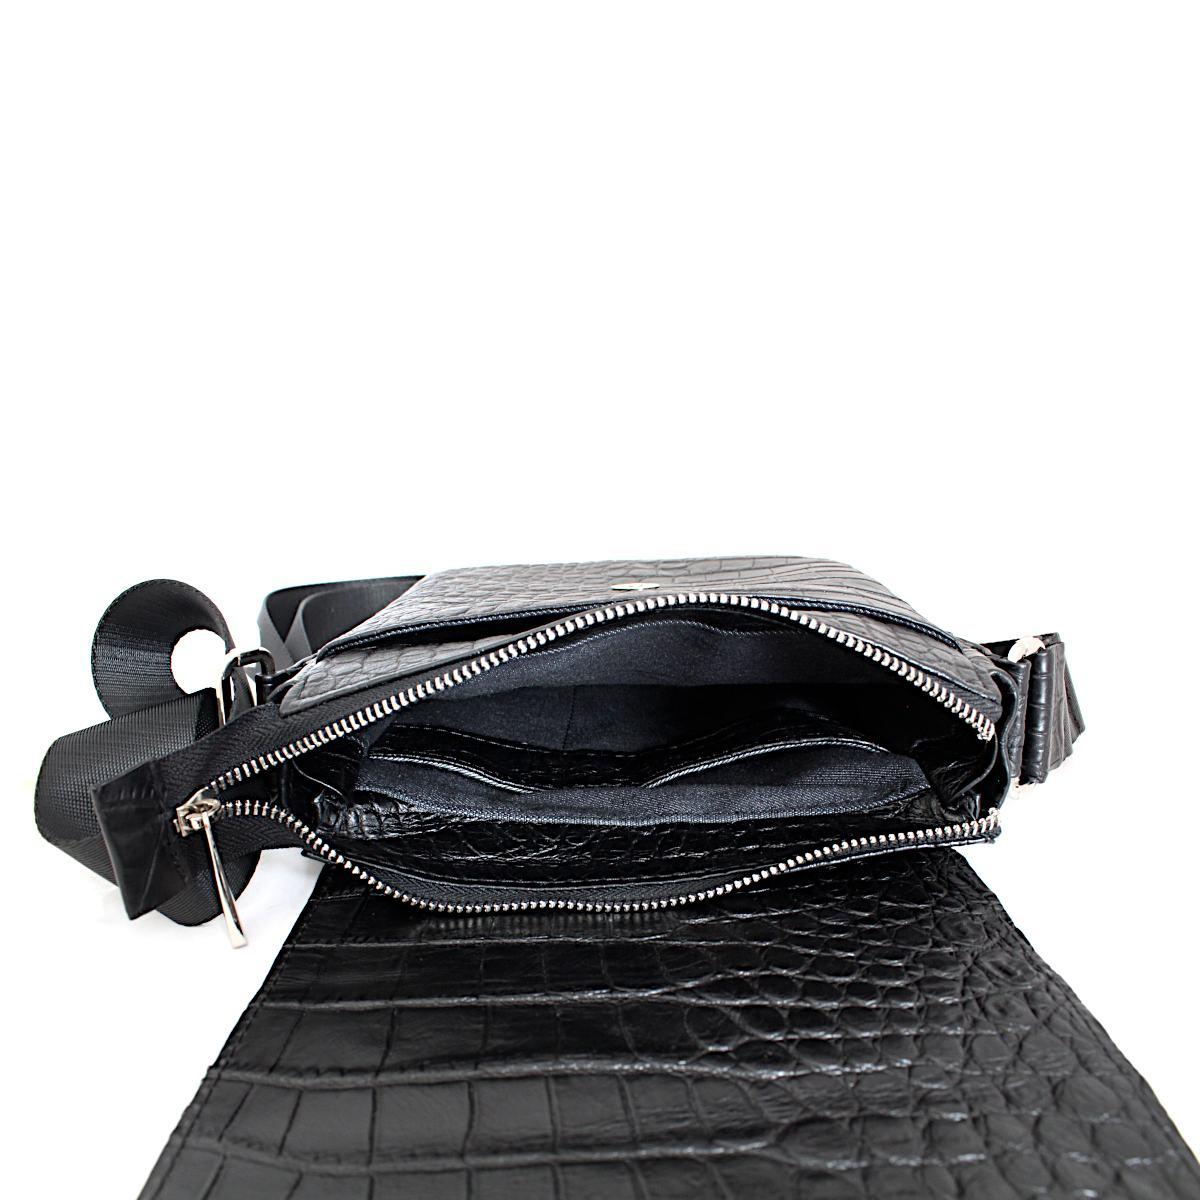 Черна Мъжка Чанта Естествена Кожа Кроко Щампа Отвътре